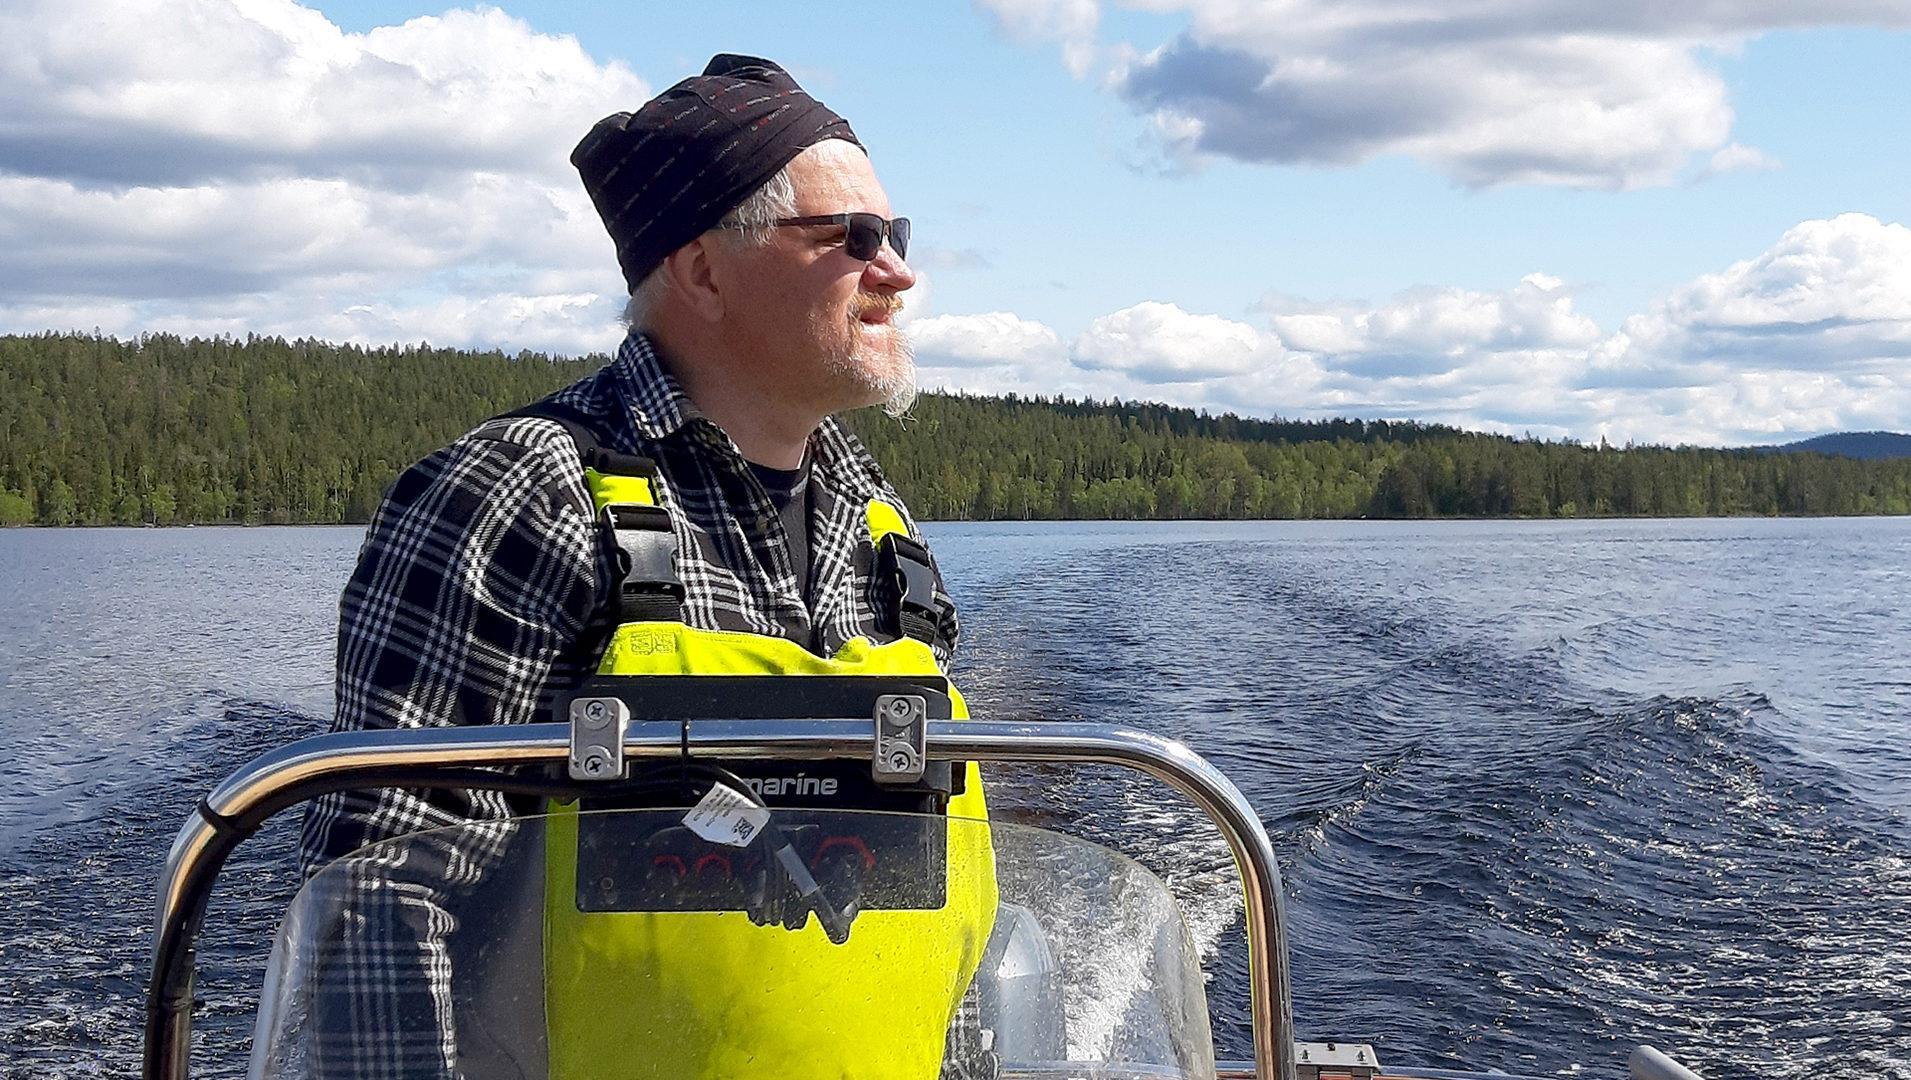 Kalastaja Jukka Sirkkala | Kalastajalle kiitos | Hätälä